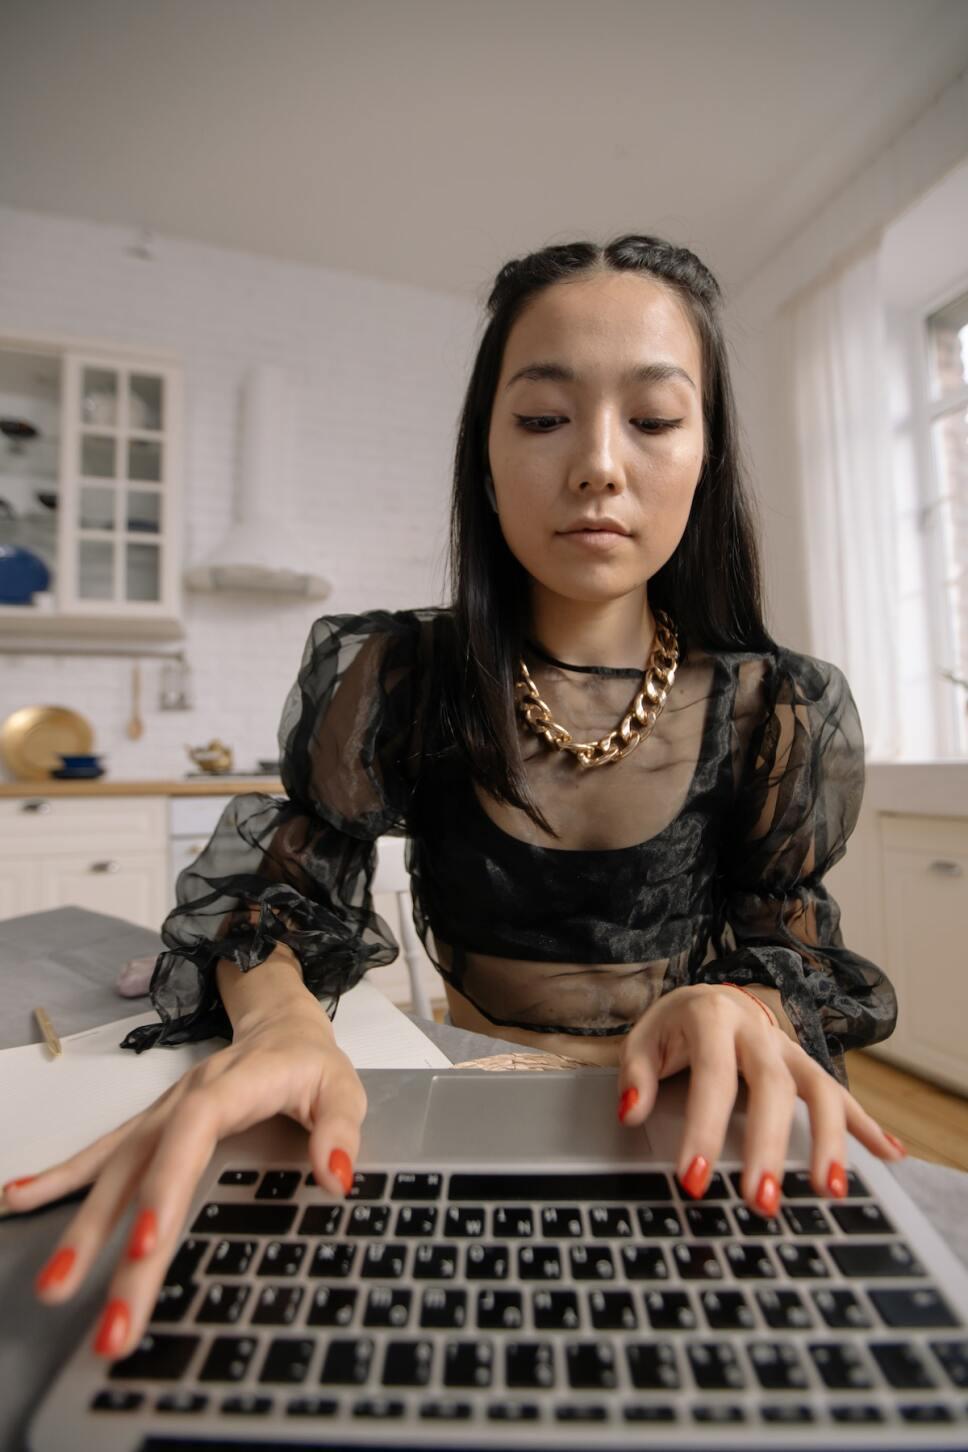 mujer en su computadora buscando peegasm